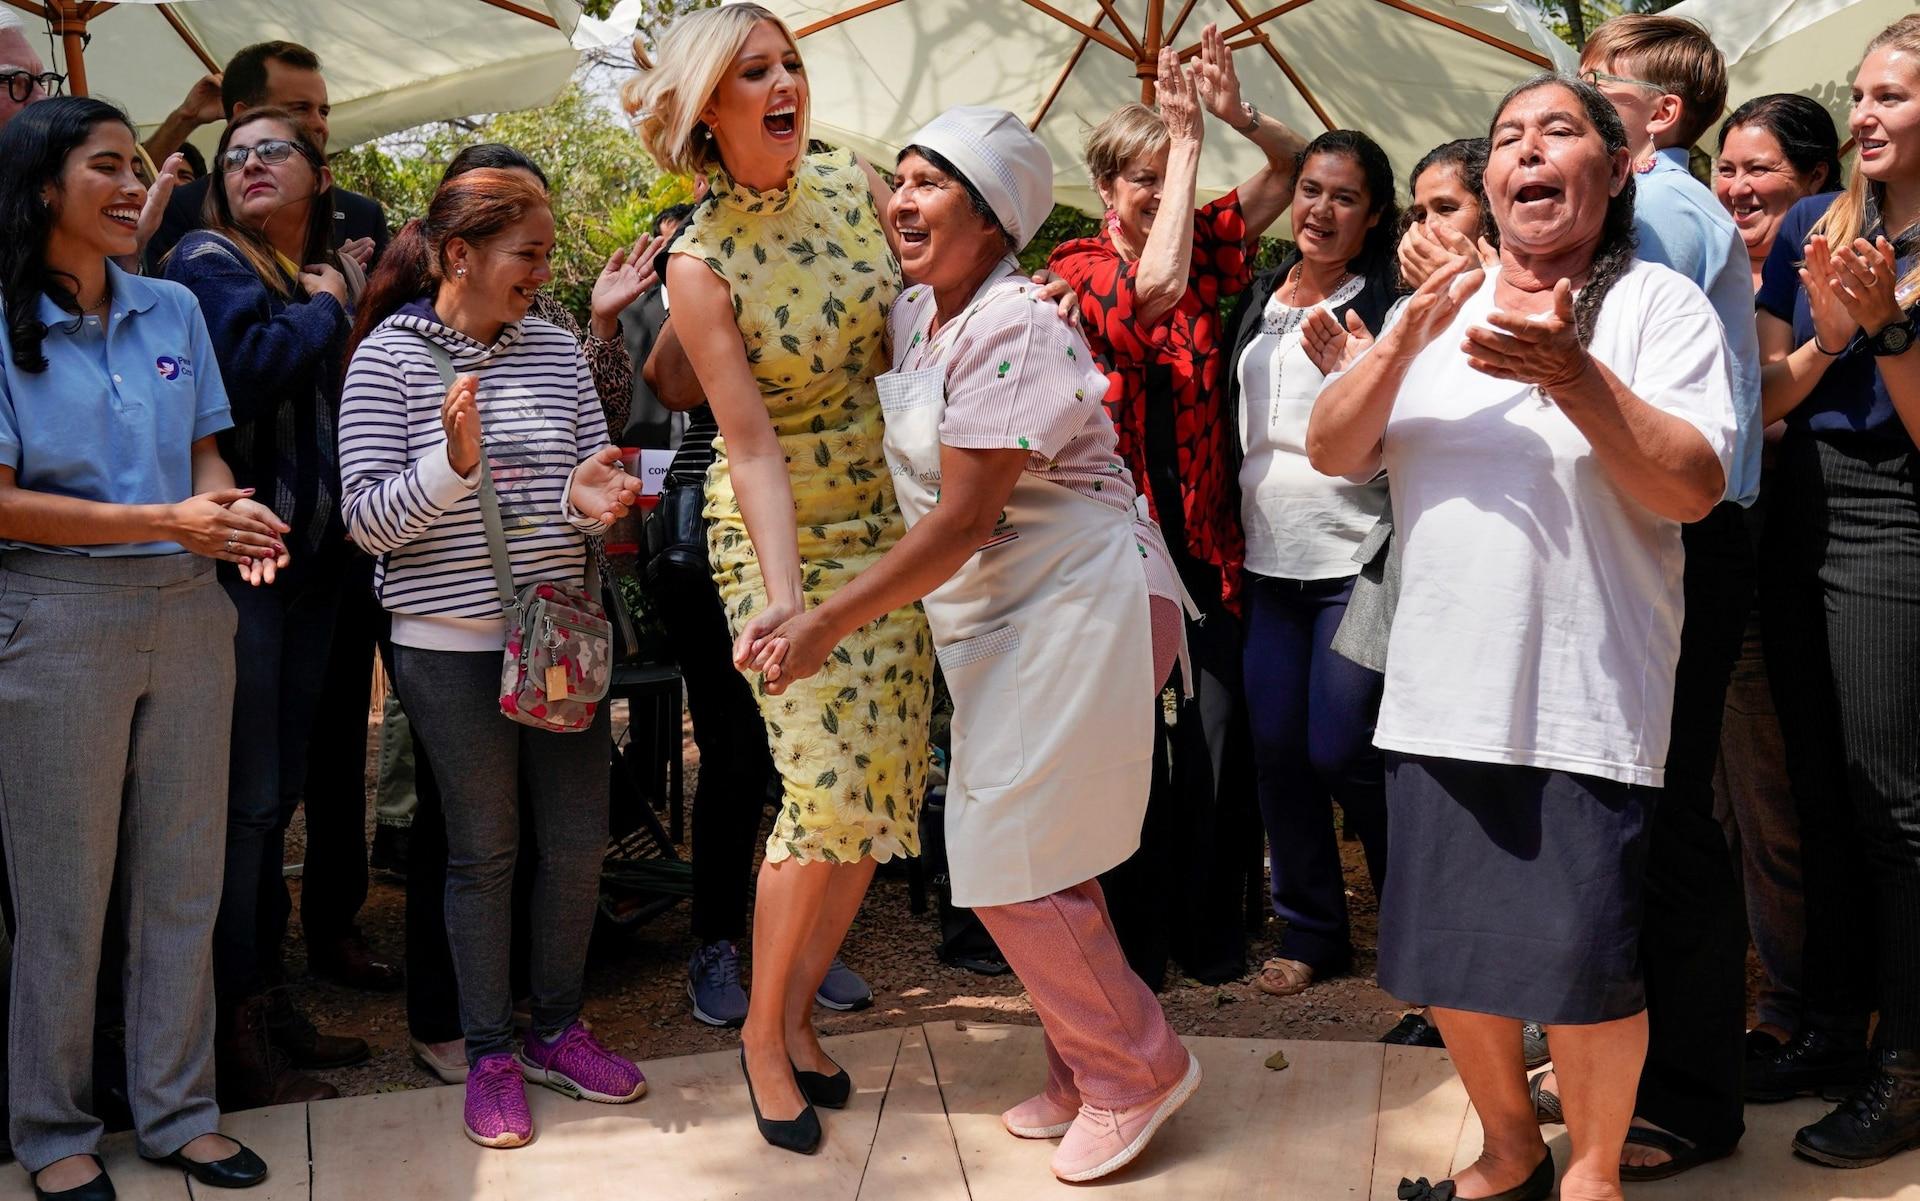 رقص ایوانکا ترامپ در پاراگوئه +تصاویر